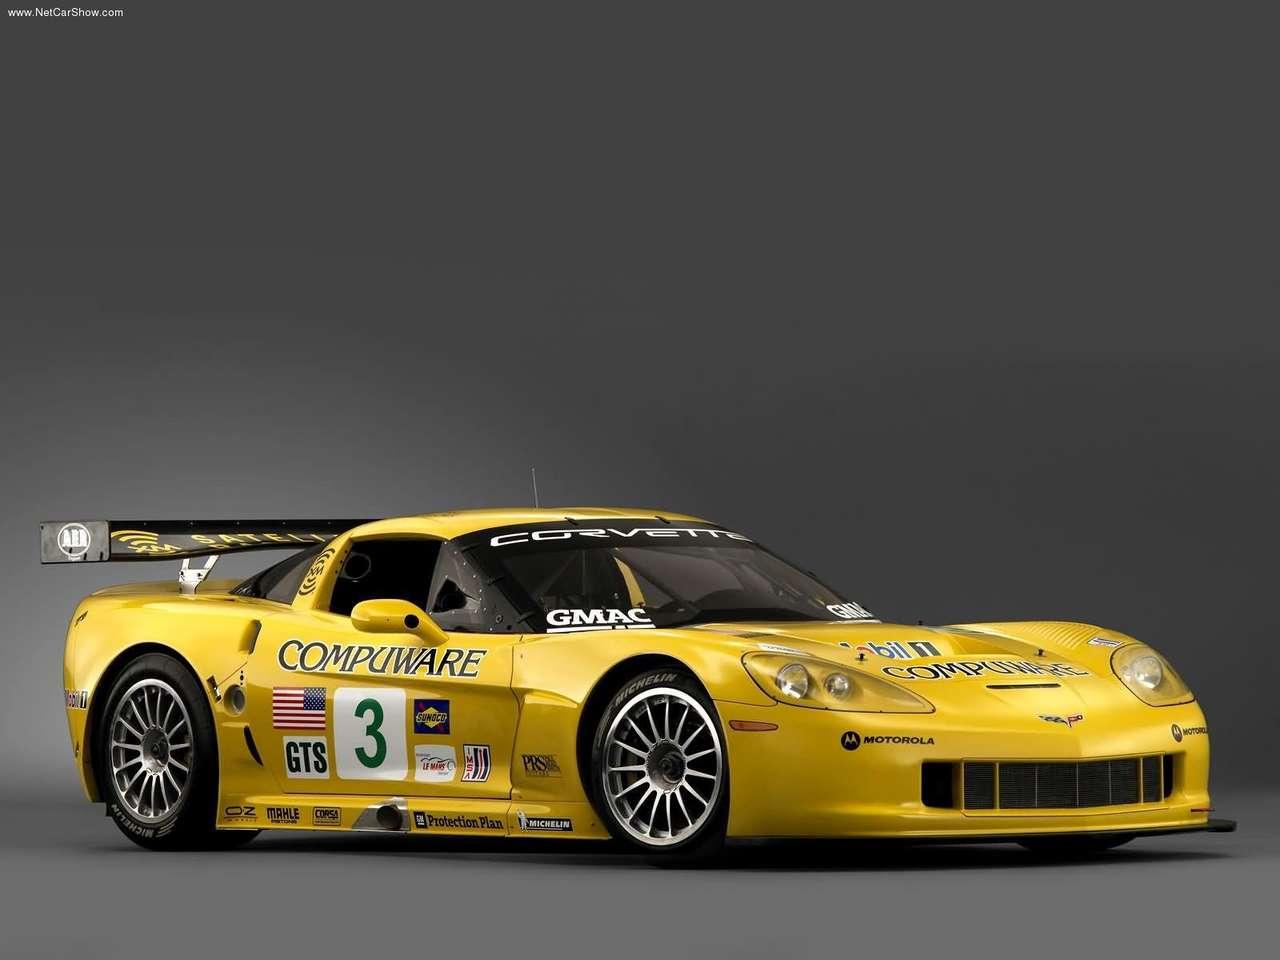 http://3.bp.blogspot.com/-oWV2lvo09uM/TXs0tE4RFgI/AAAAAAAANJo/nc75o7hogwQ/s1600/Chevrolet-Corvette_C6R_Race_Car_2005_1280x960_wallpaper_03.jpg